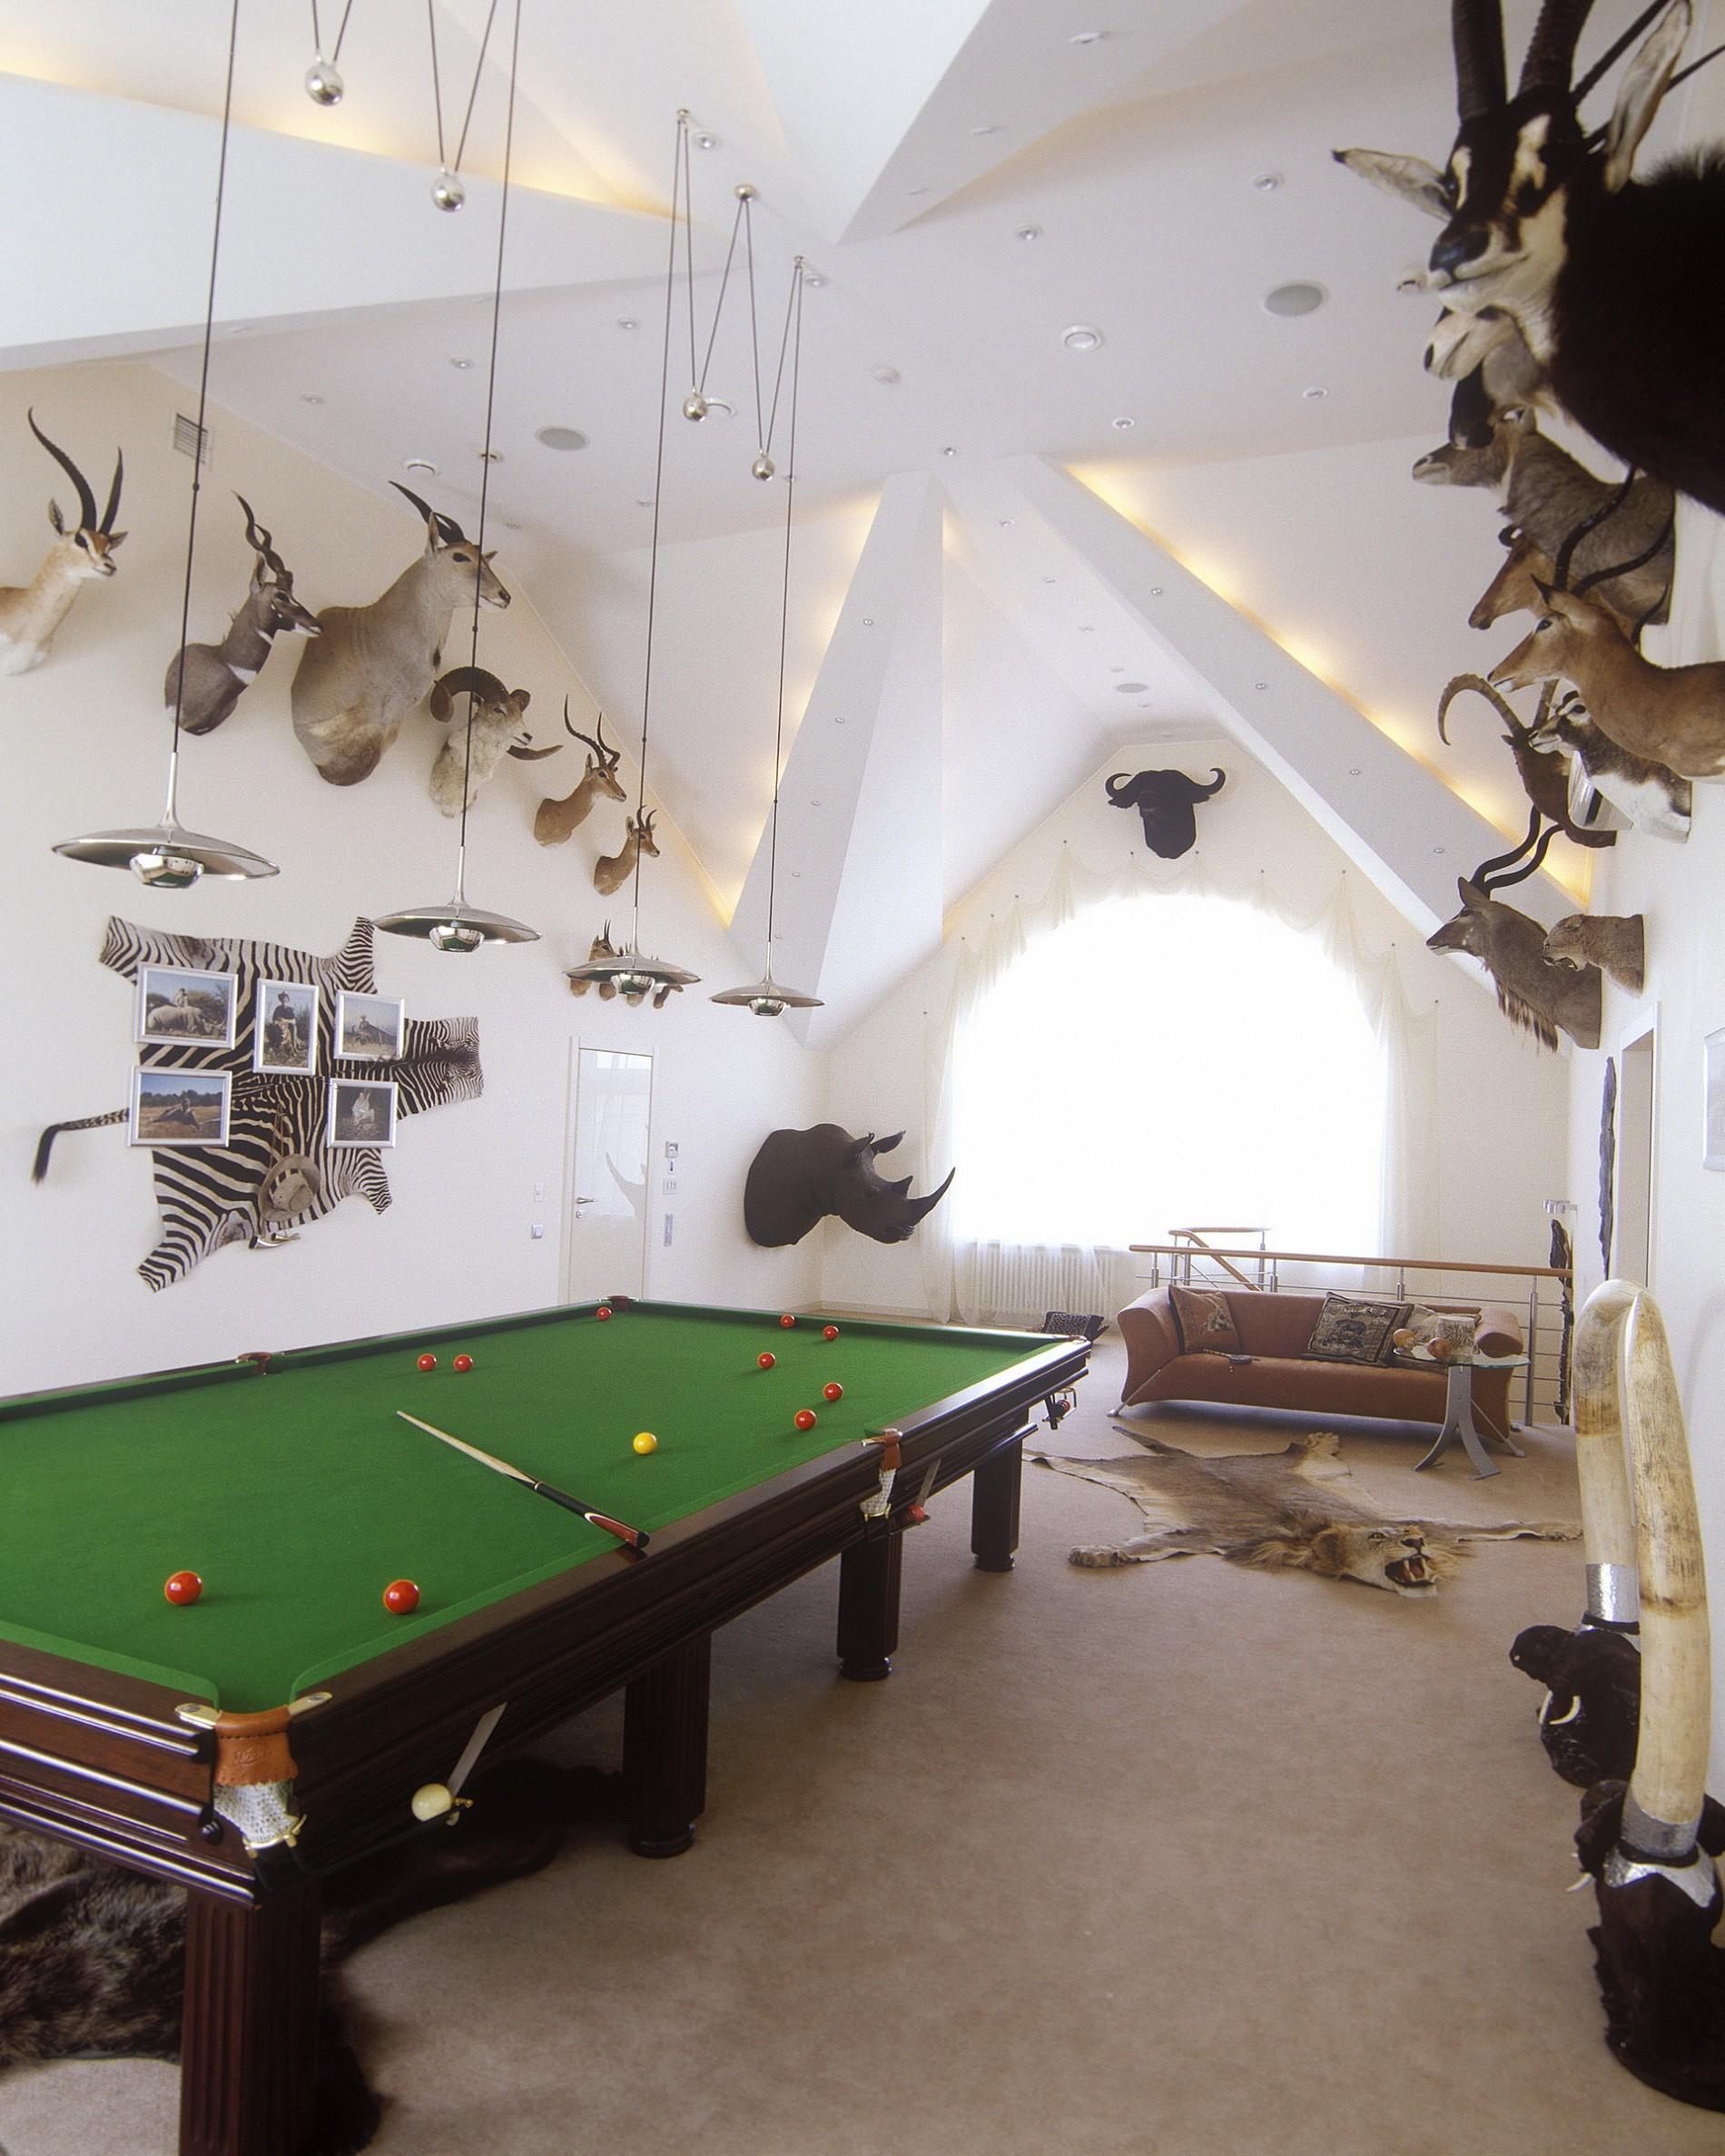 Бильярдная комната в доме с  головами животних